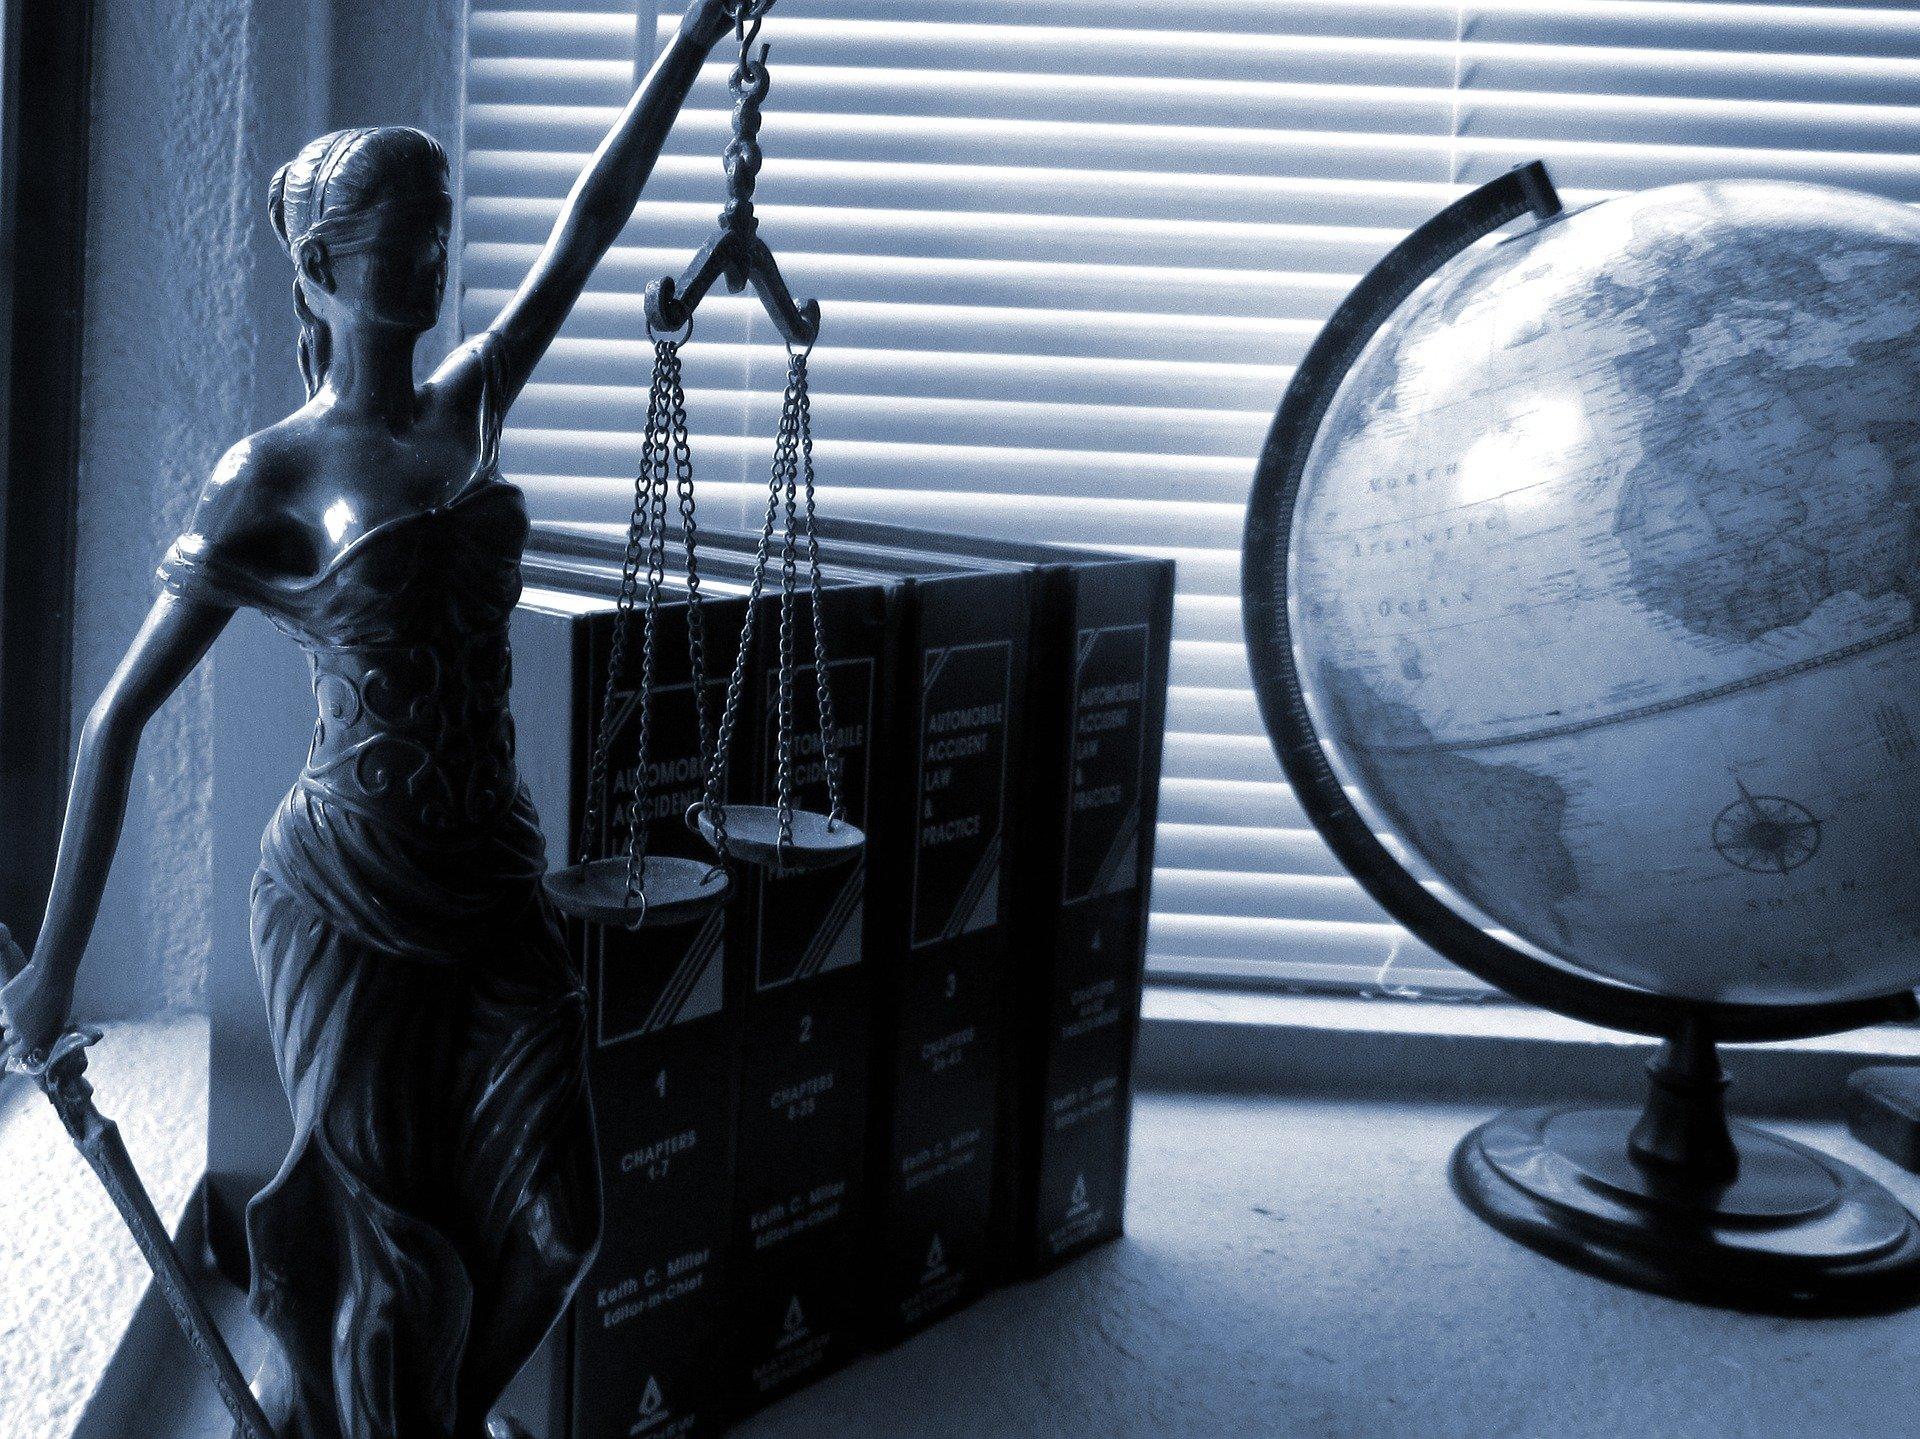 settlements versus court trials